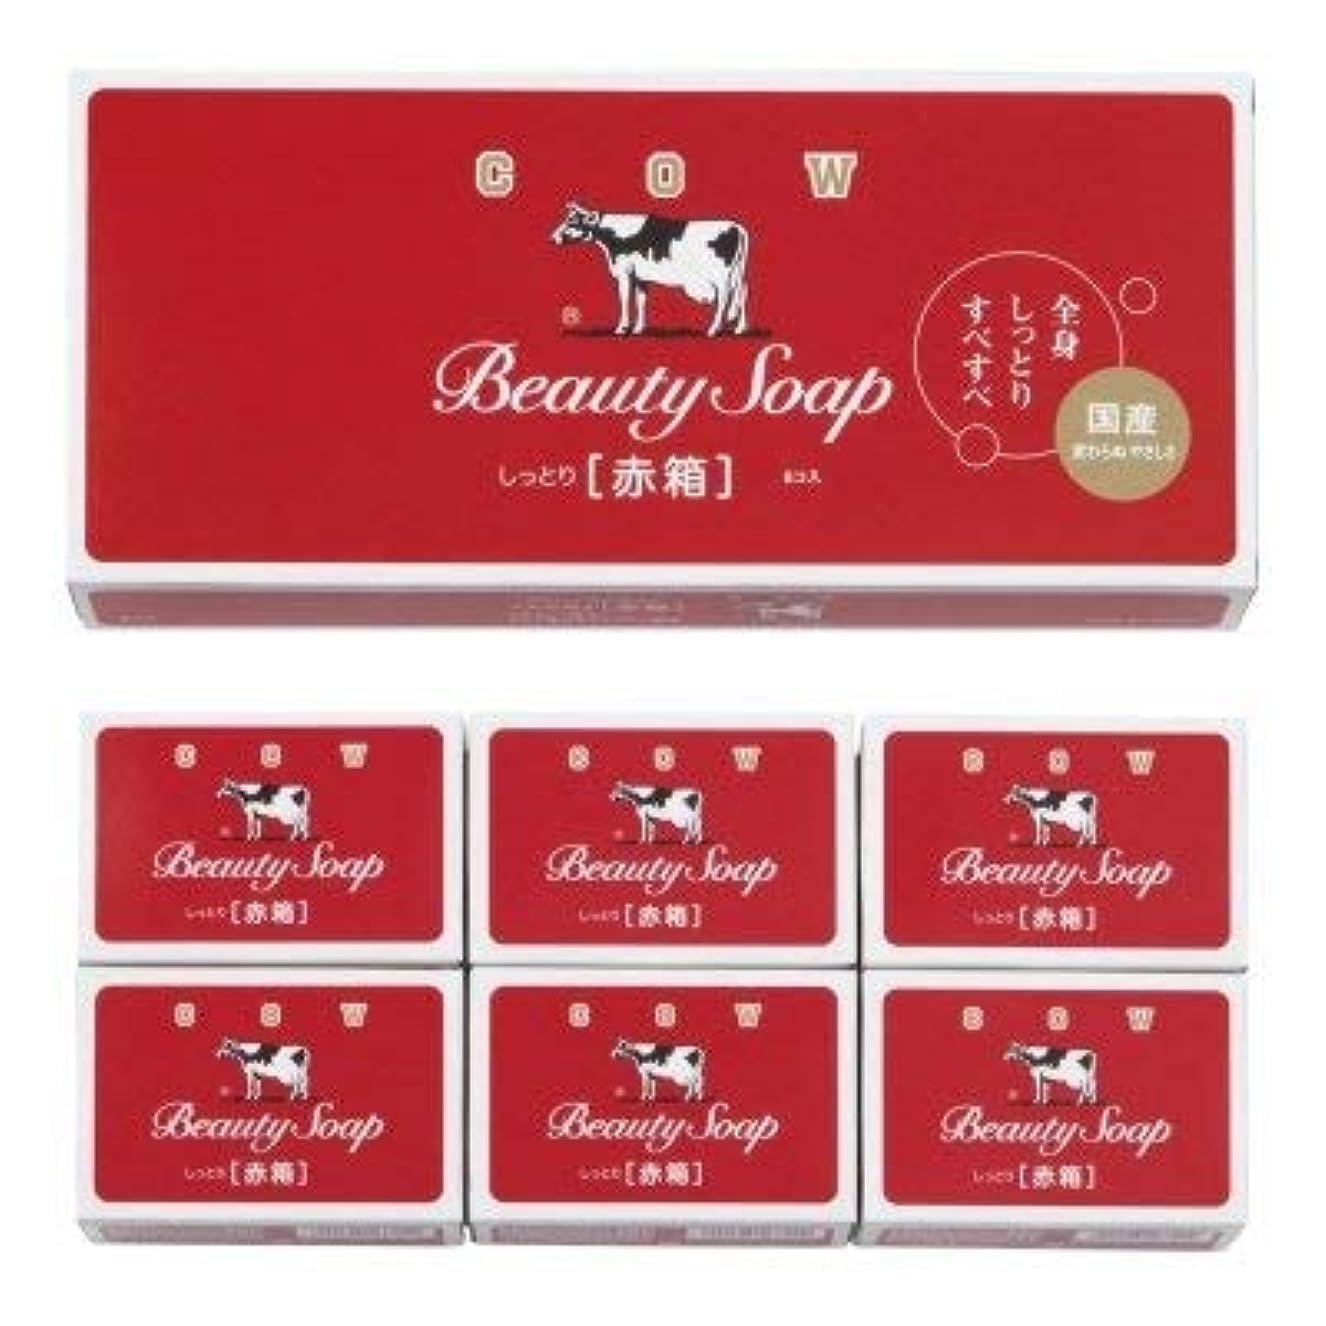 選択する例温度【国産】牛乳石鹸 カウブランド 赤箱6コ入 (12個1セット)